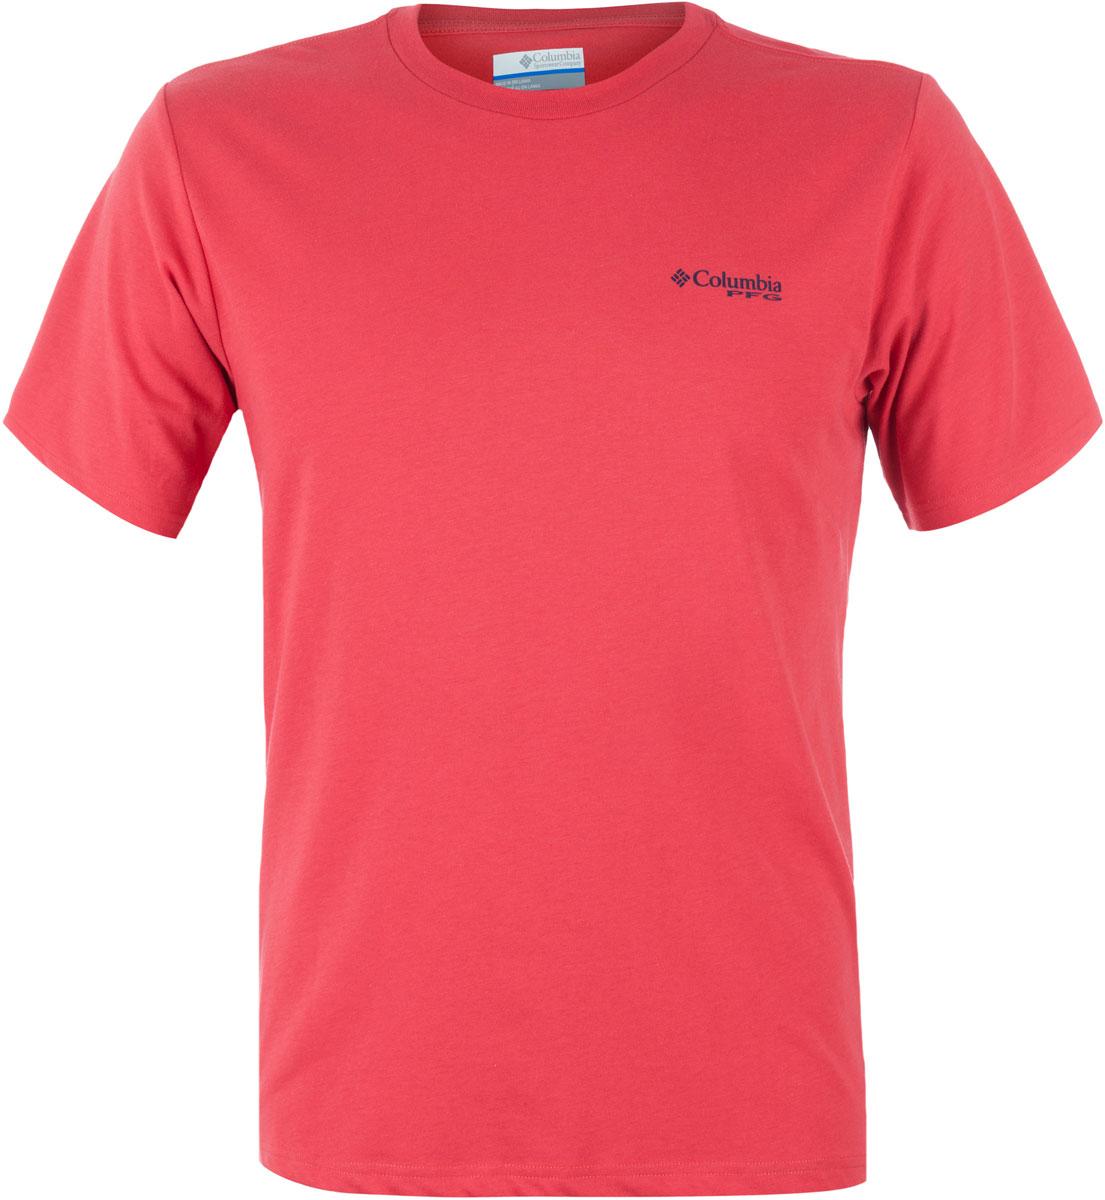 Футболка мужская Columbia PFG Elements Marlin II SS T-shirt, цвет: красный. 1717151-683. Размер S (44/46)1717151-683Футболка Columbia - оптимальный вариант для активного отдыха и повседневного использования. Модель выполнена из смеси хлопка и полиэстера, обеспечивает максимально комфортные ощущения во время использования, быстро сохнет и не мнется.